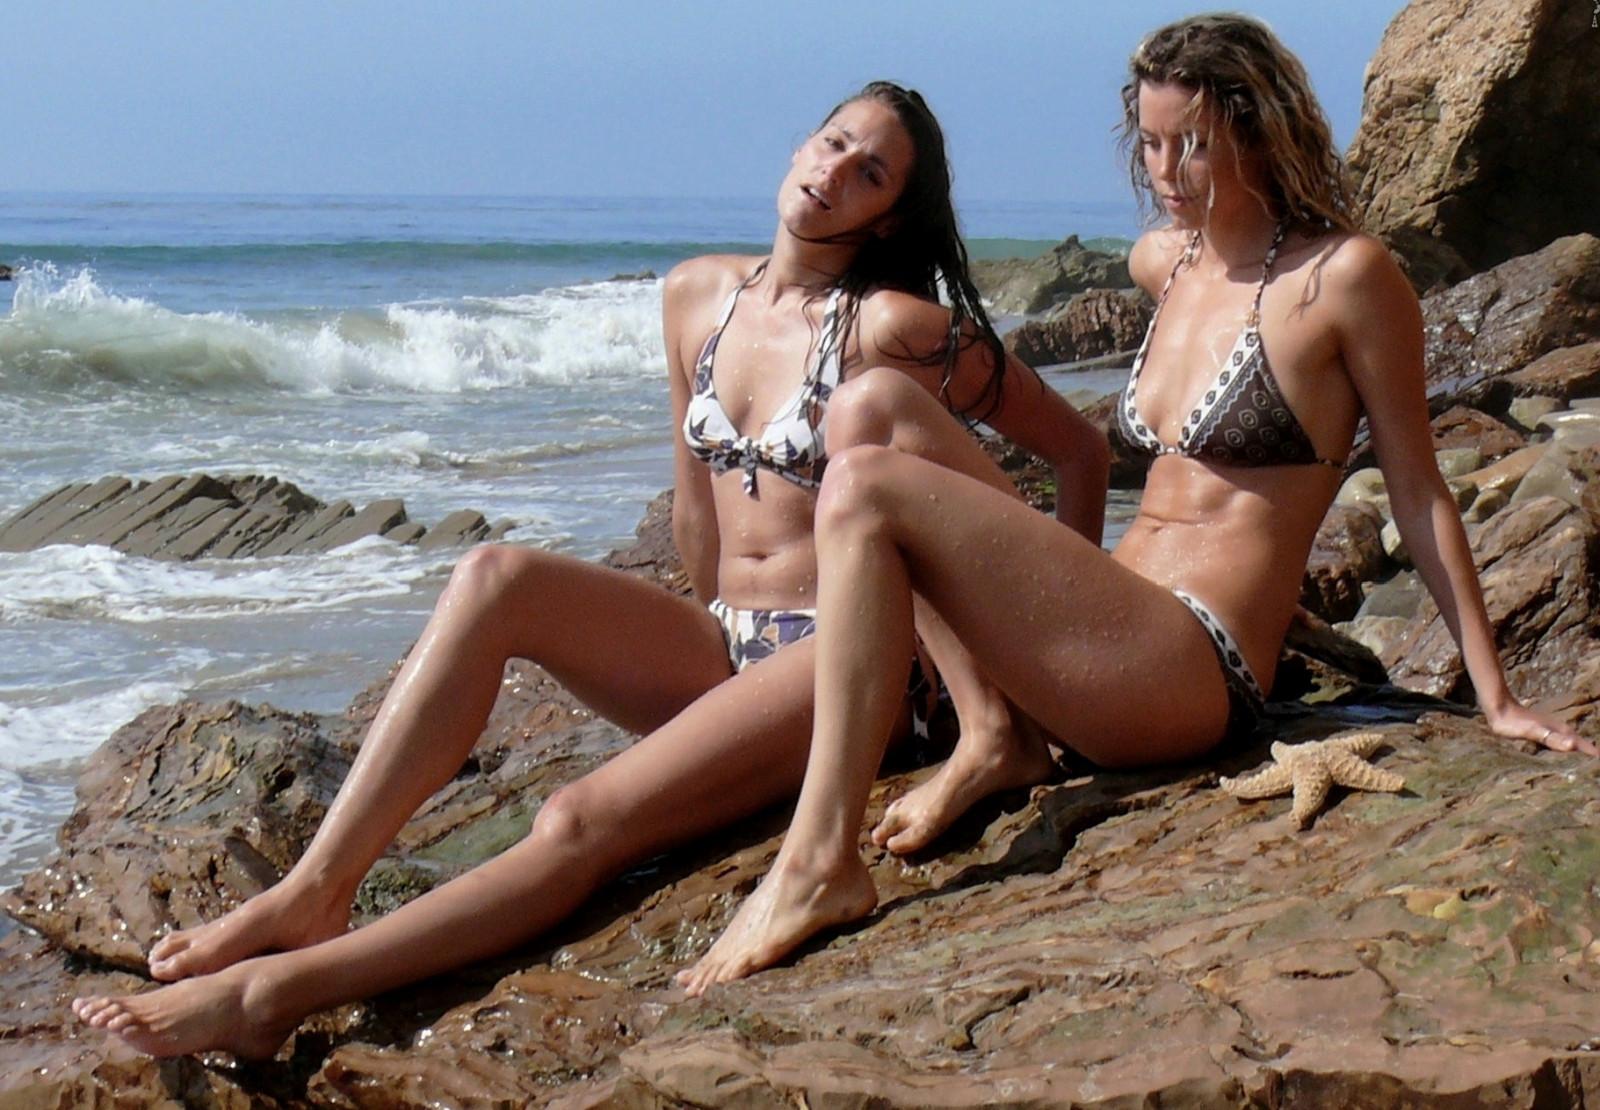 свадьбы уже смотреть голых девушек на пляжах россии видео пройти через